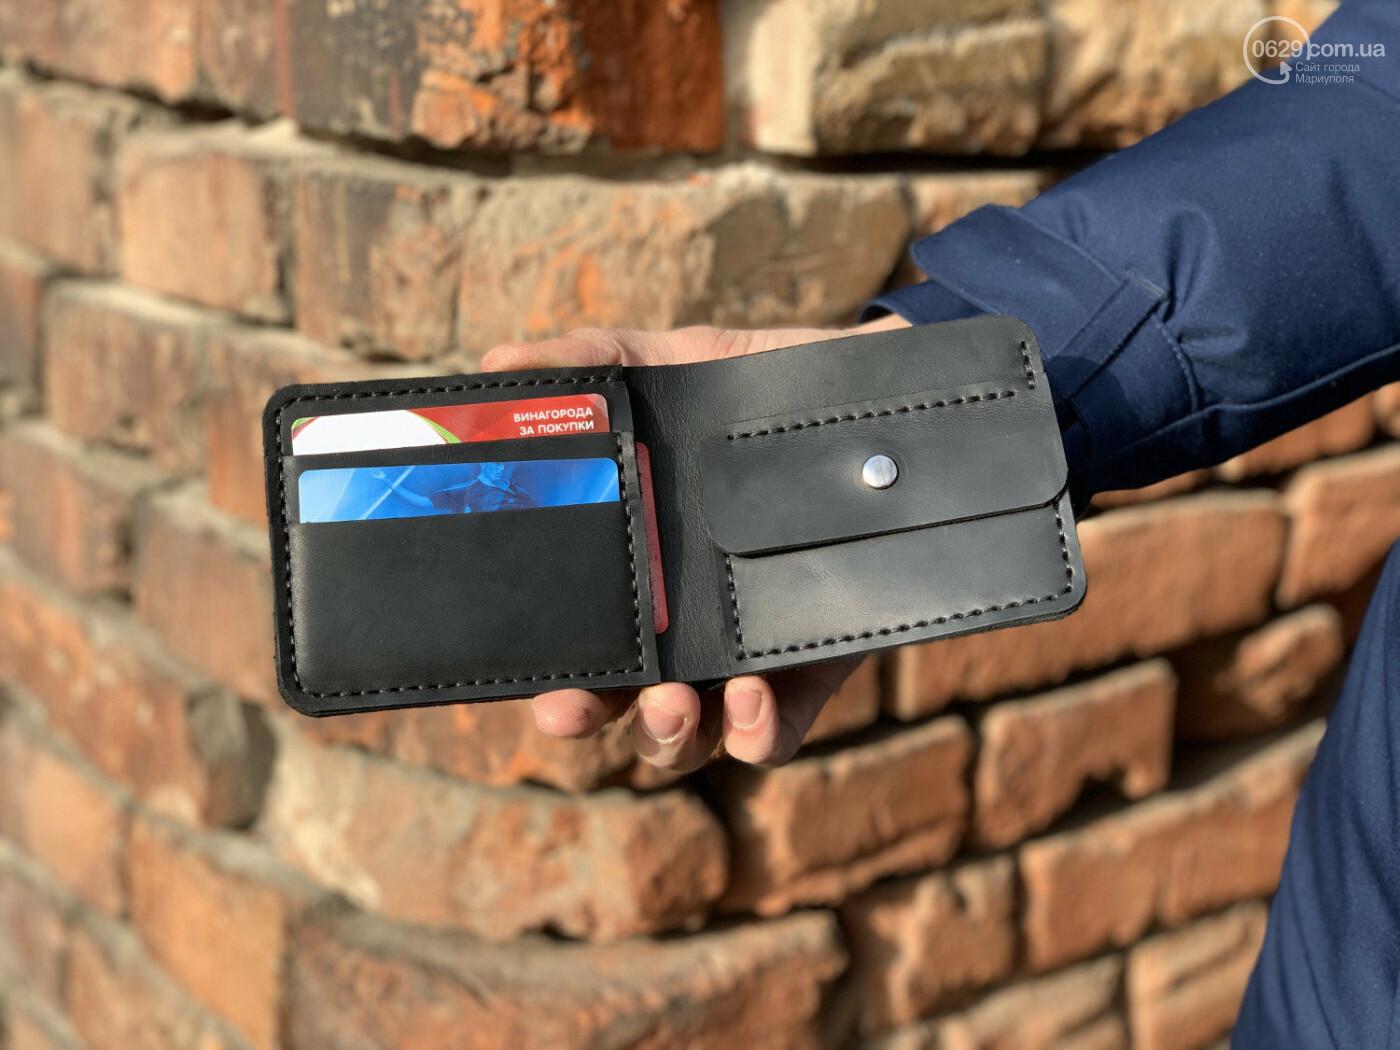 Стильное мужское портмоне для мужчин, которые любят качественные изделия из кожи, фото-7